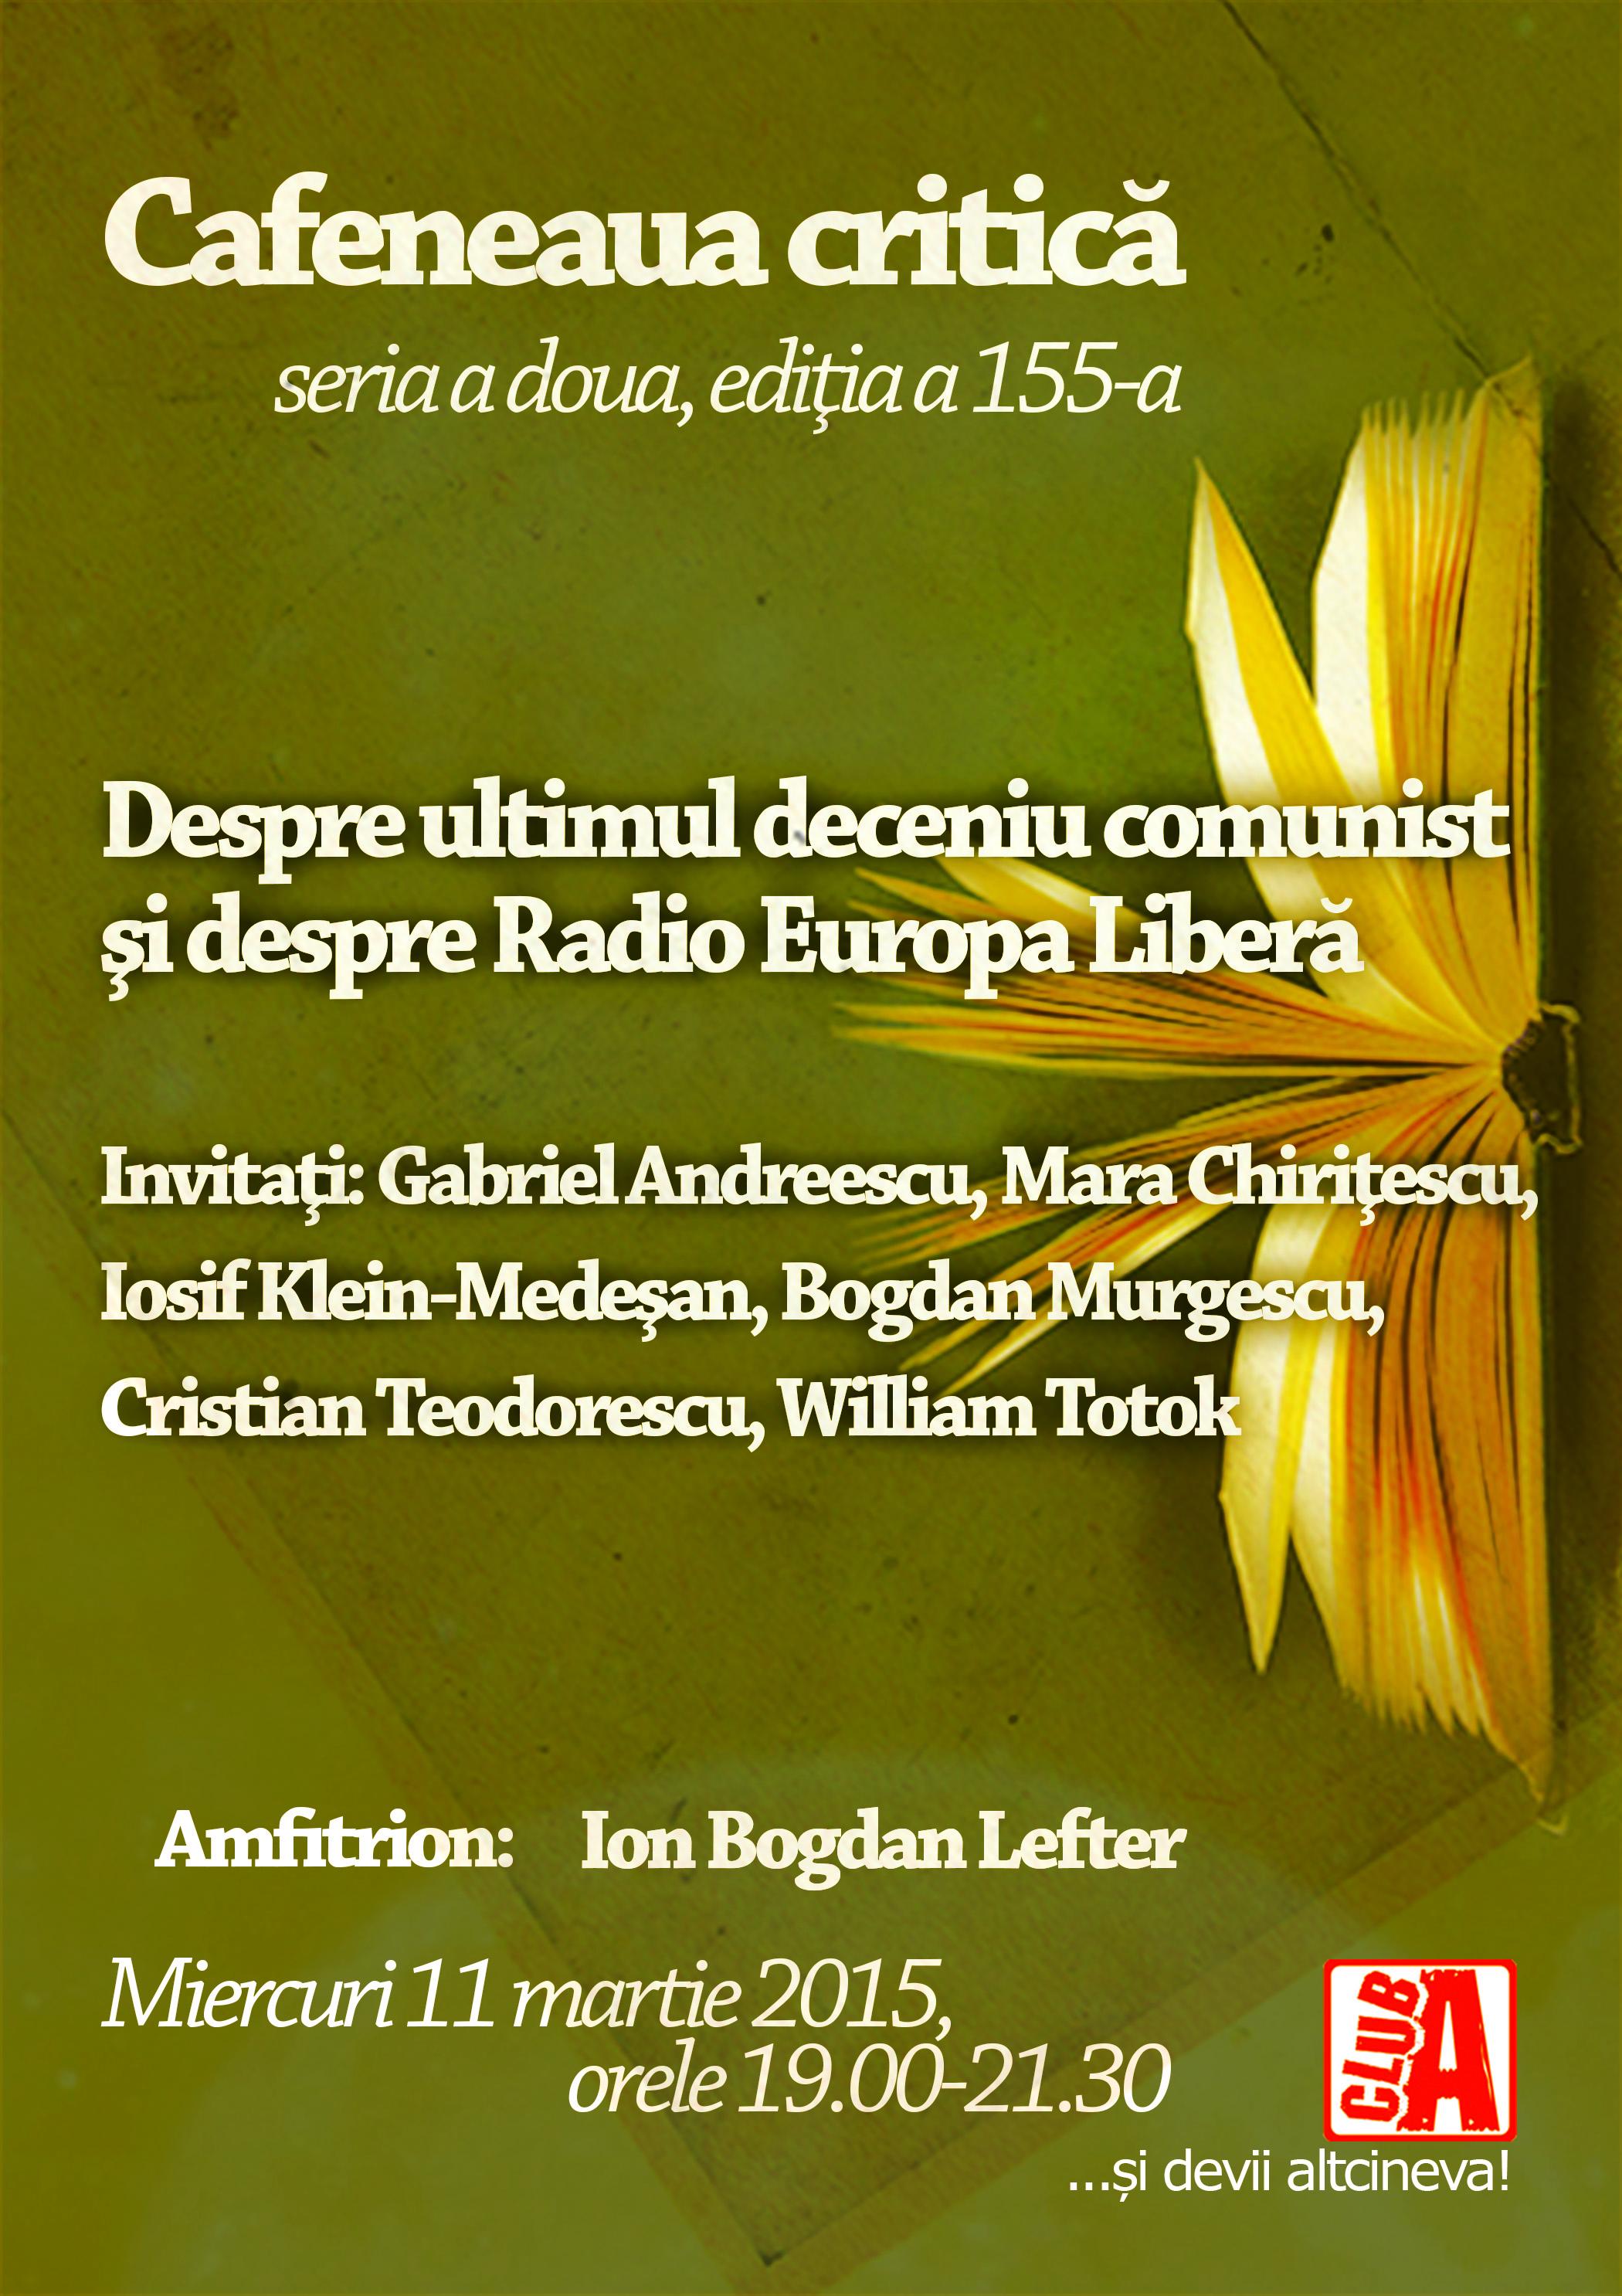 Despre ultimul deceniu comunist şi despre Radio Europa Liberă @ Cafeneaua critică